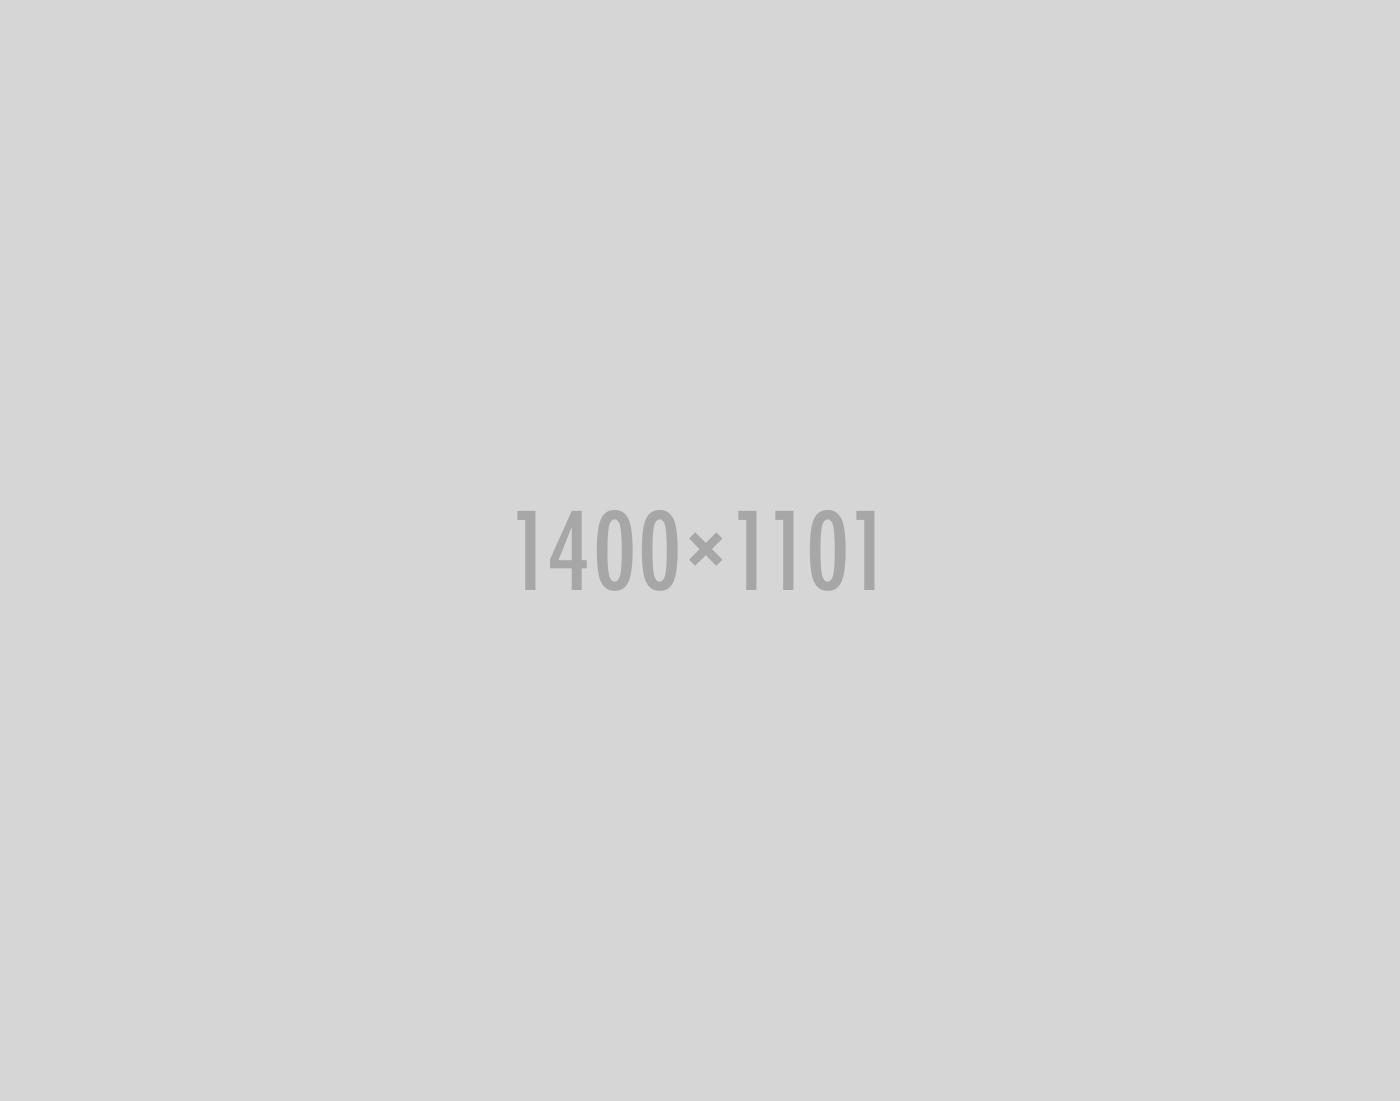 fullpage-cat05-image02